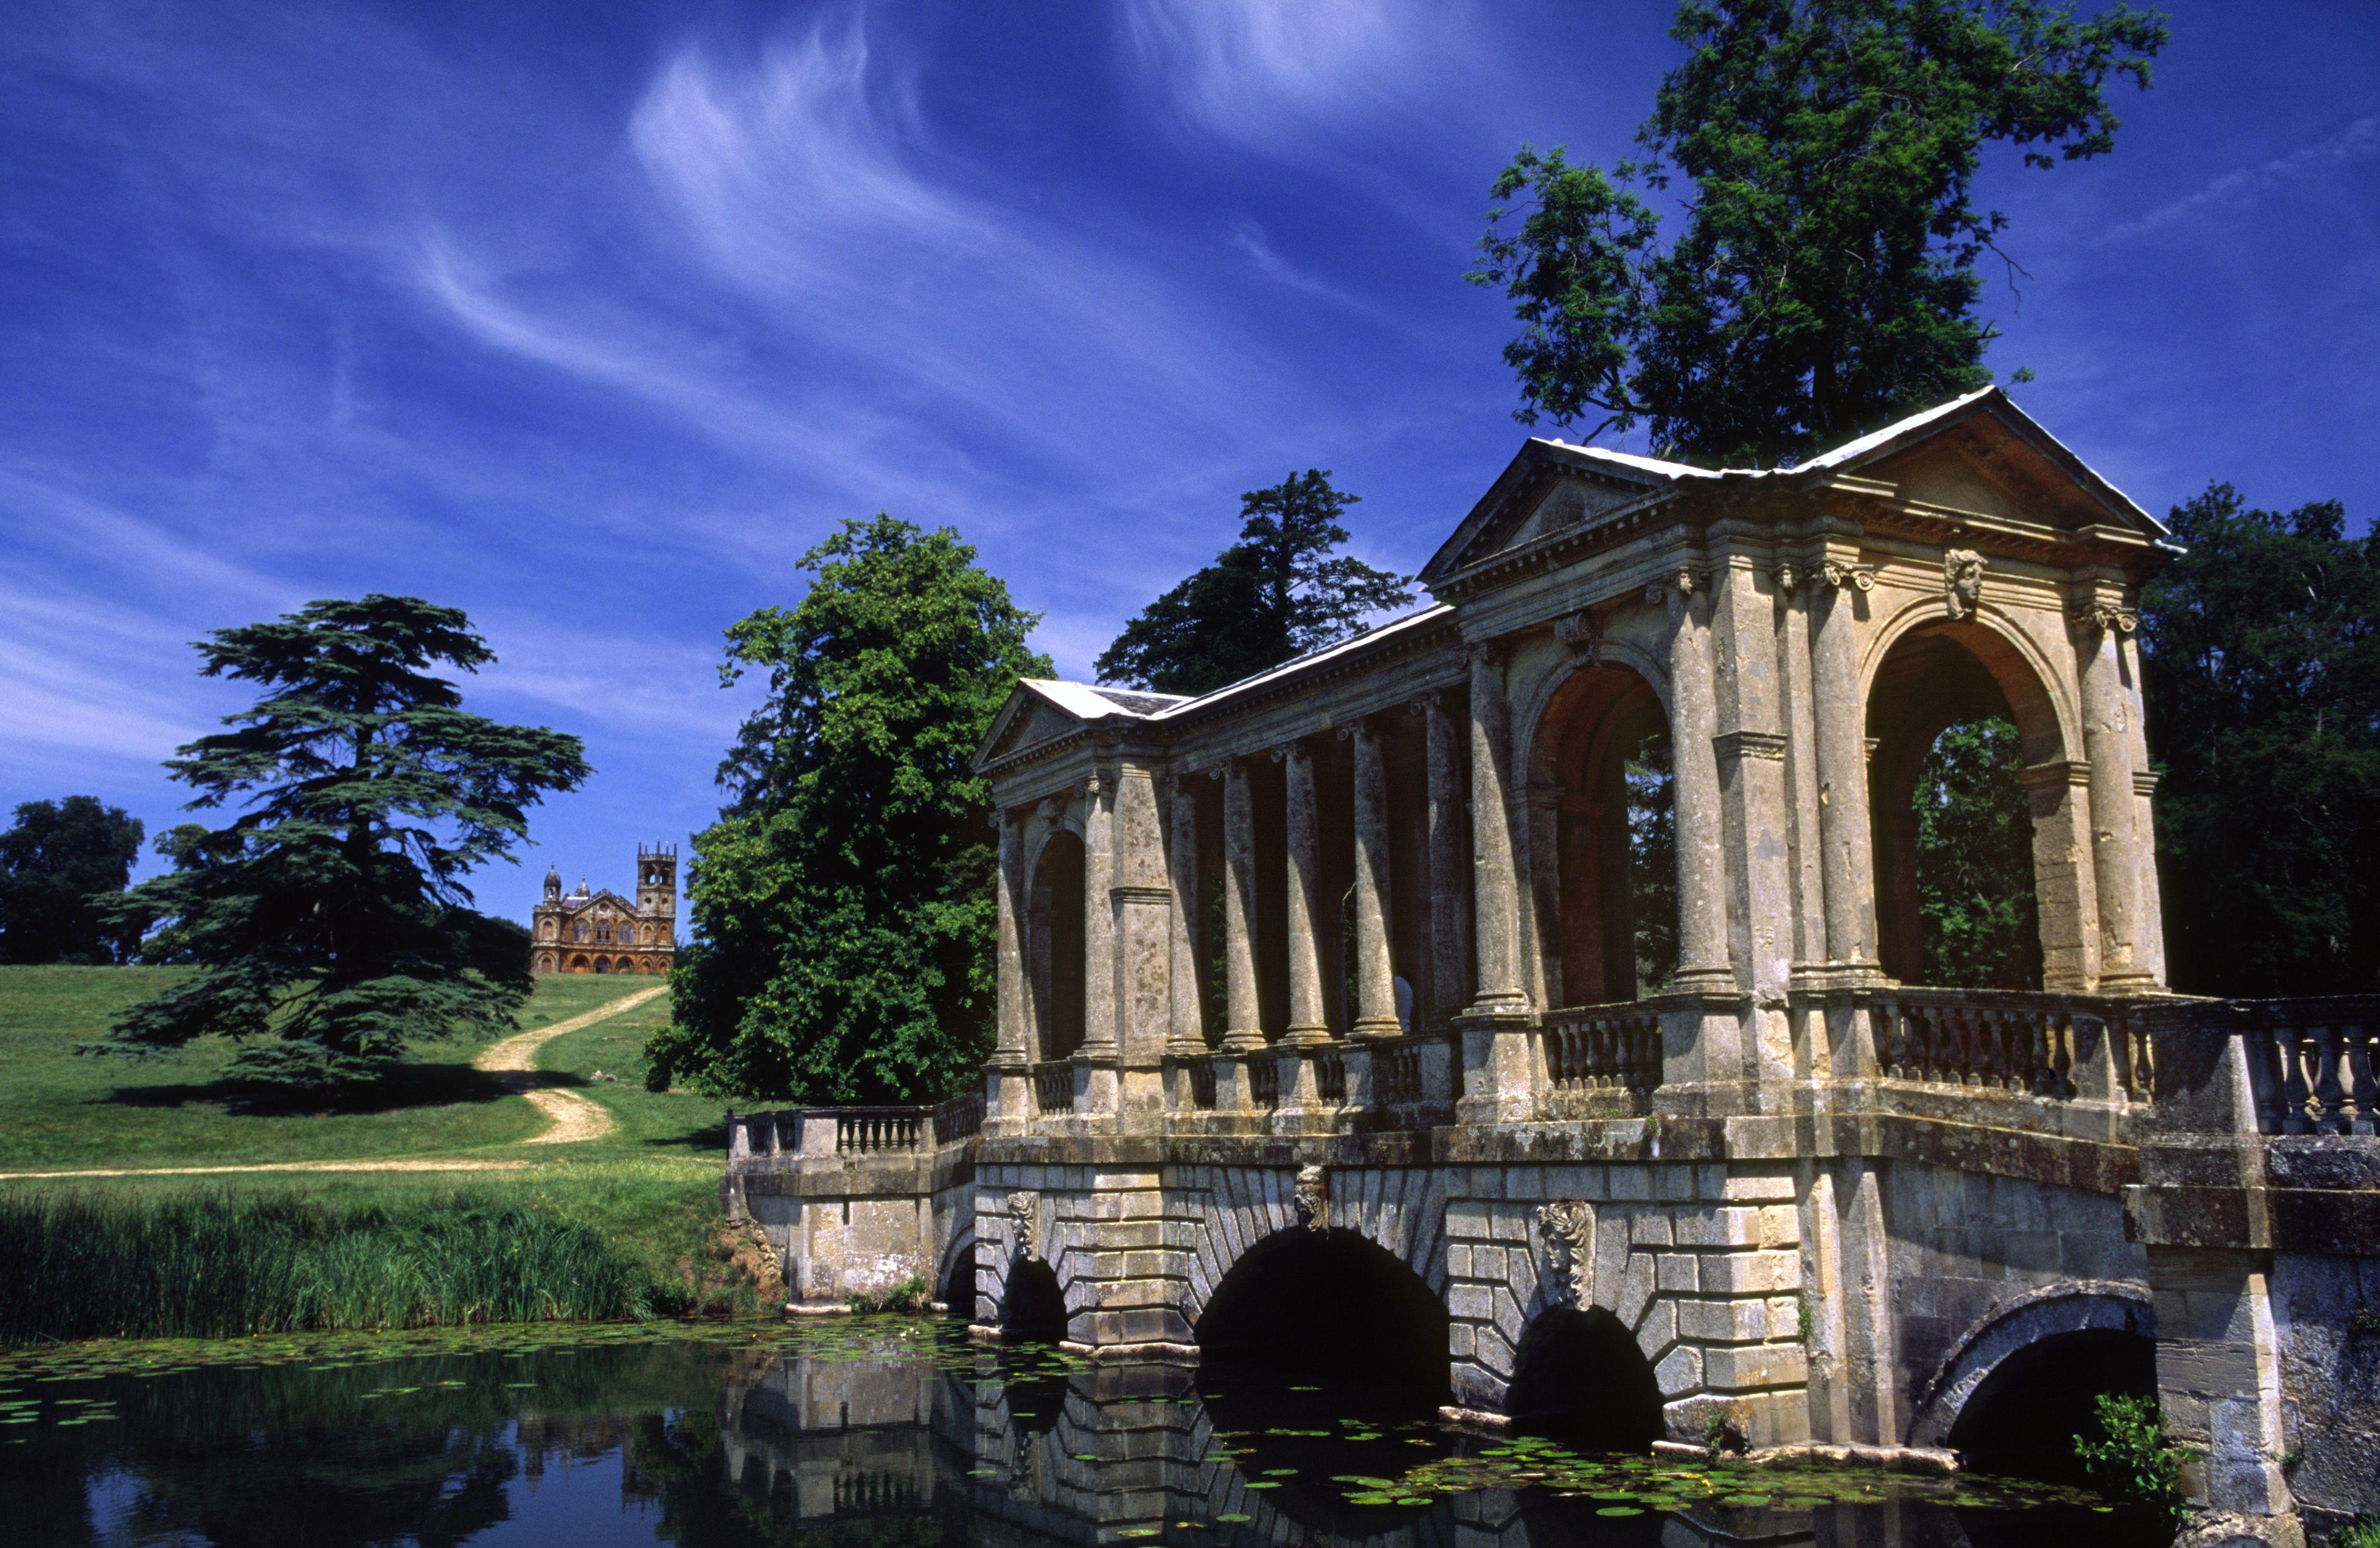 Stowe Landscape Gardens In Buckinghamshire